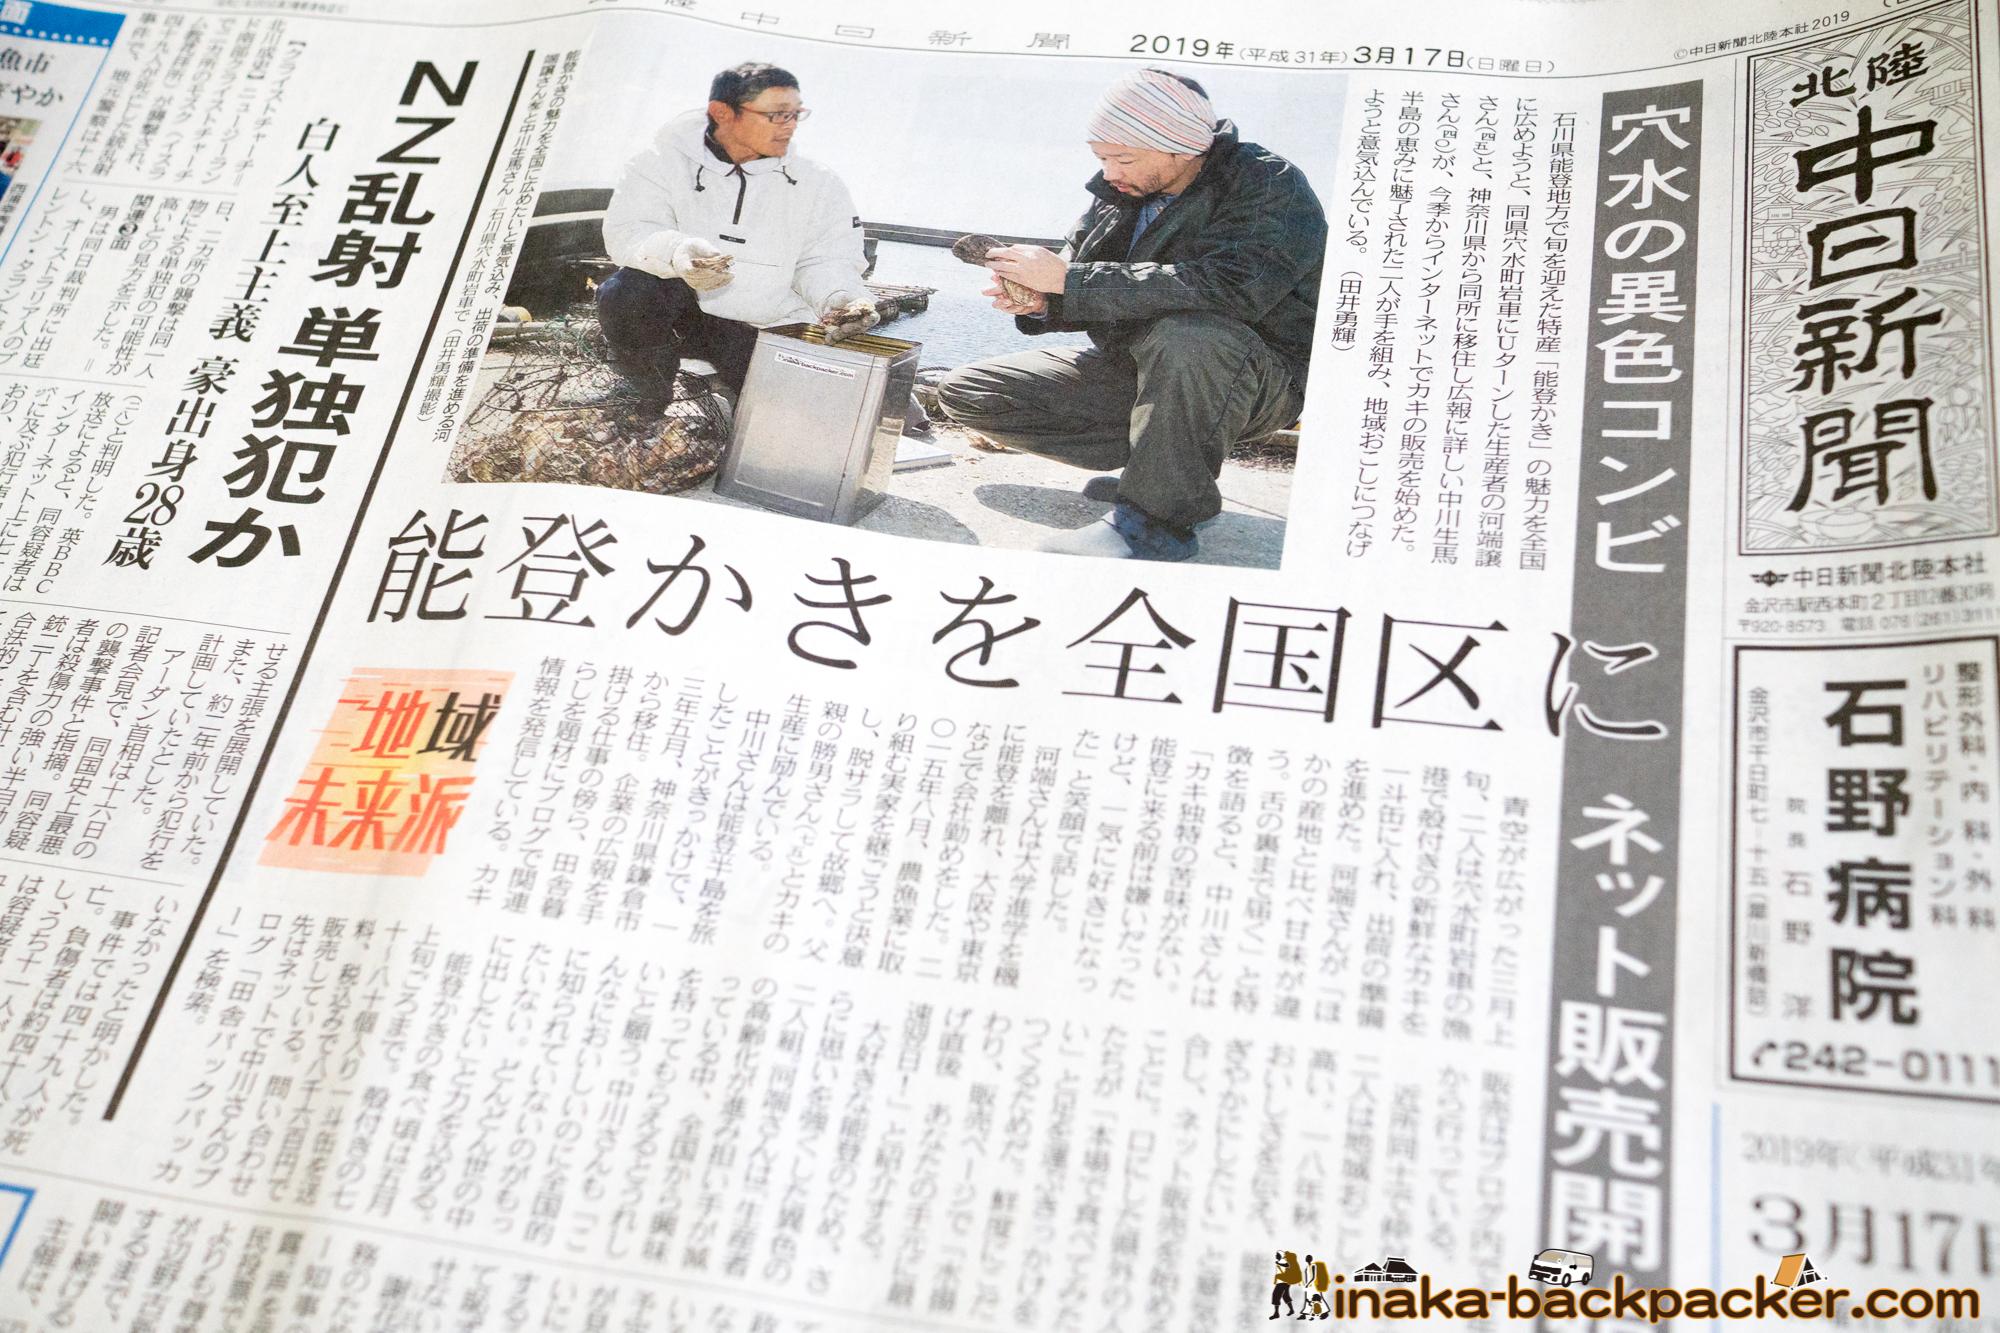 石川県 穴水町 牡蠣 販売 購入中日新聞 一面 牡蠣漁師 中川生馬